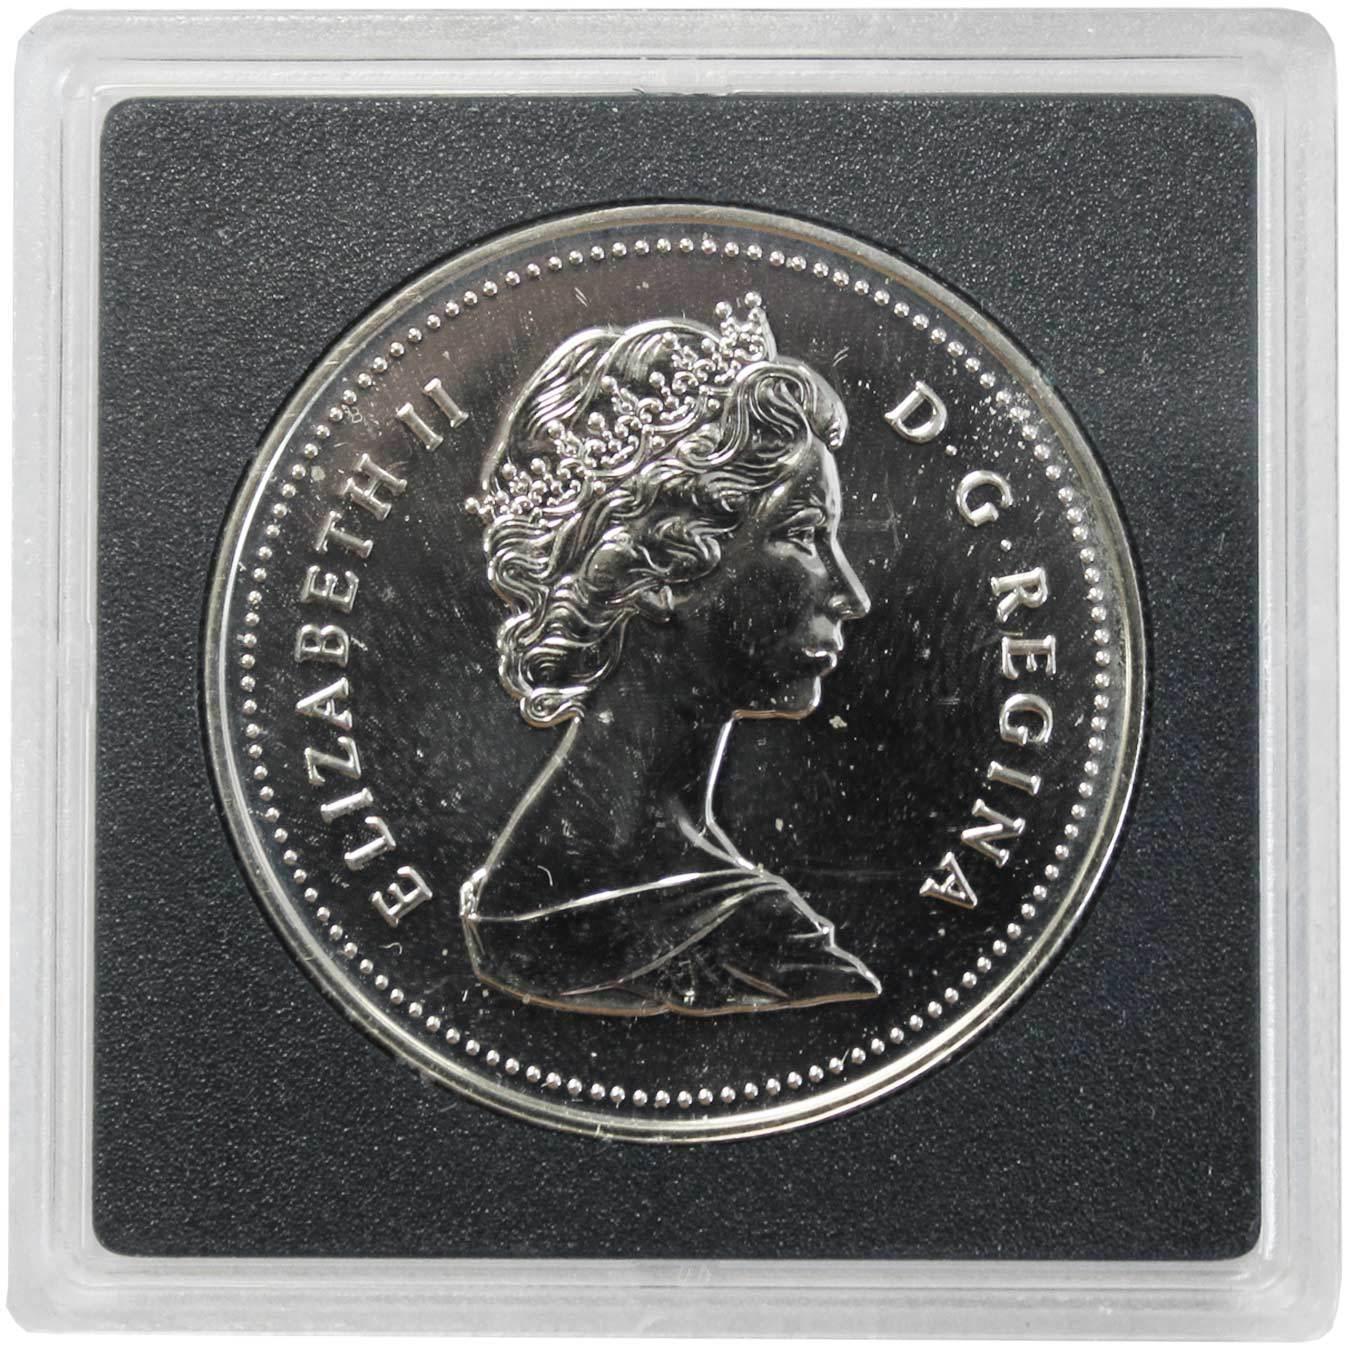 1 доллар. 250 лет кузницам Сен-Мориса. Канада. 1988 г. BrUNC Серебро. В оргинальной квадрокапсуле